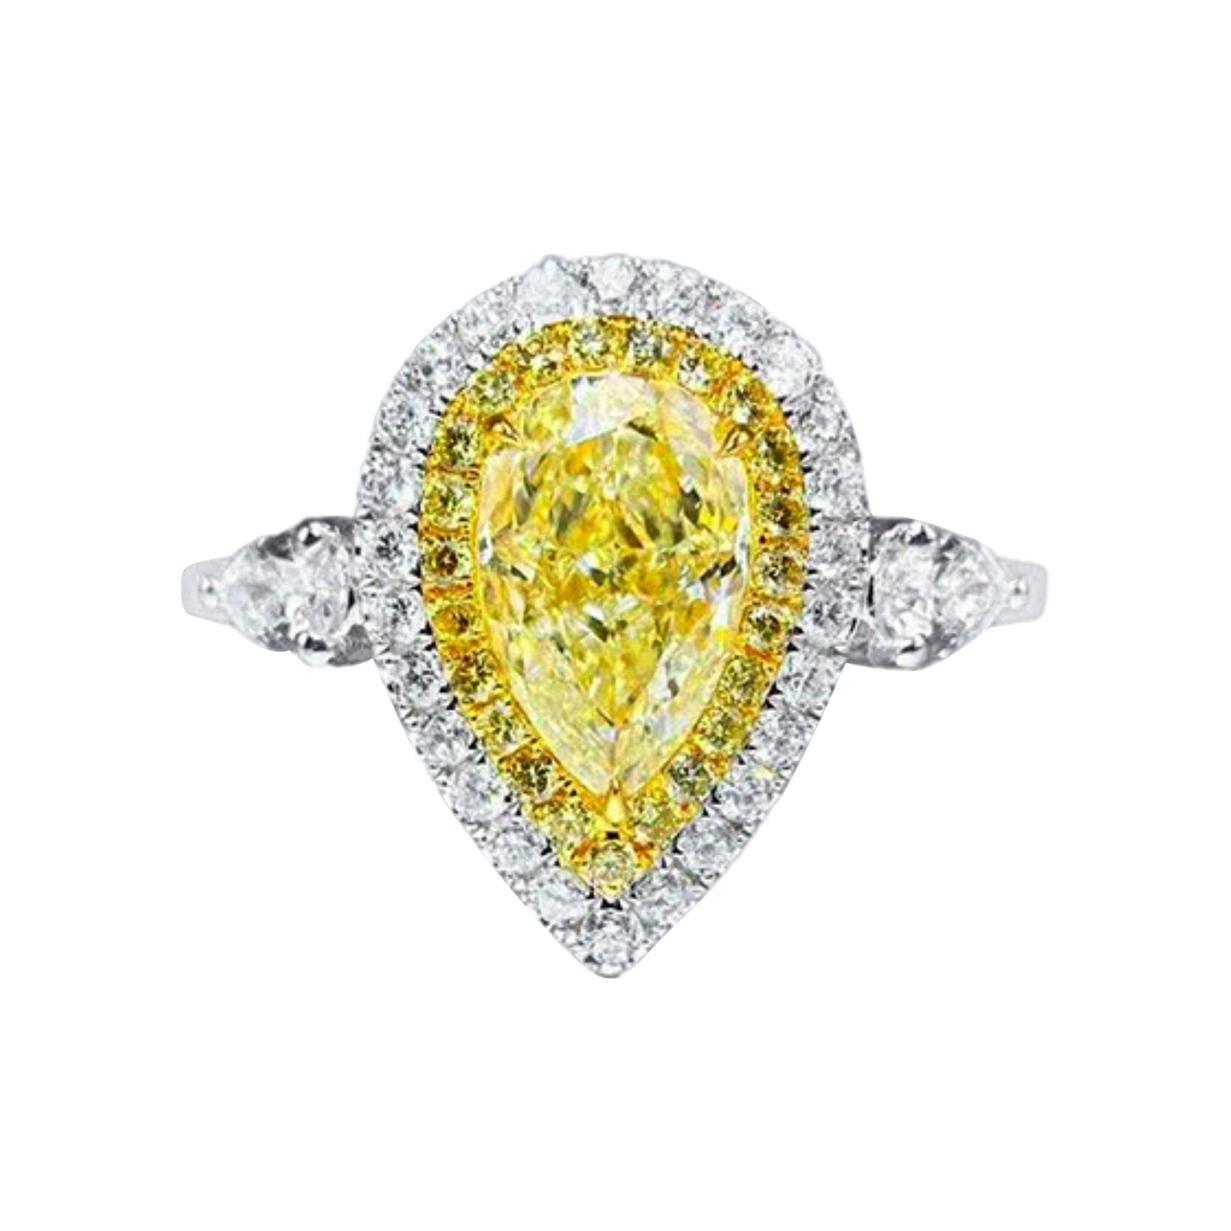 2 Carat Fancy Yellow Diamond Ring 18k White Gold